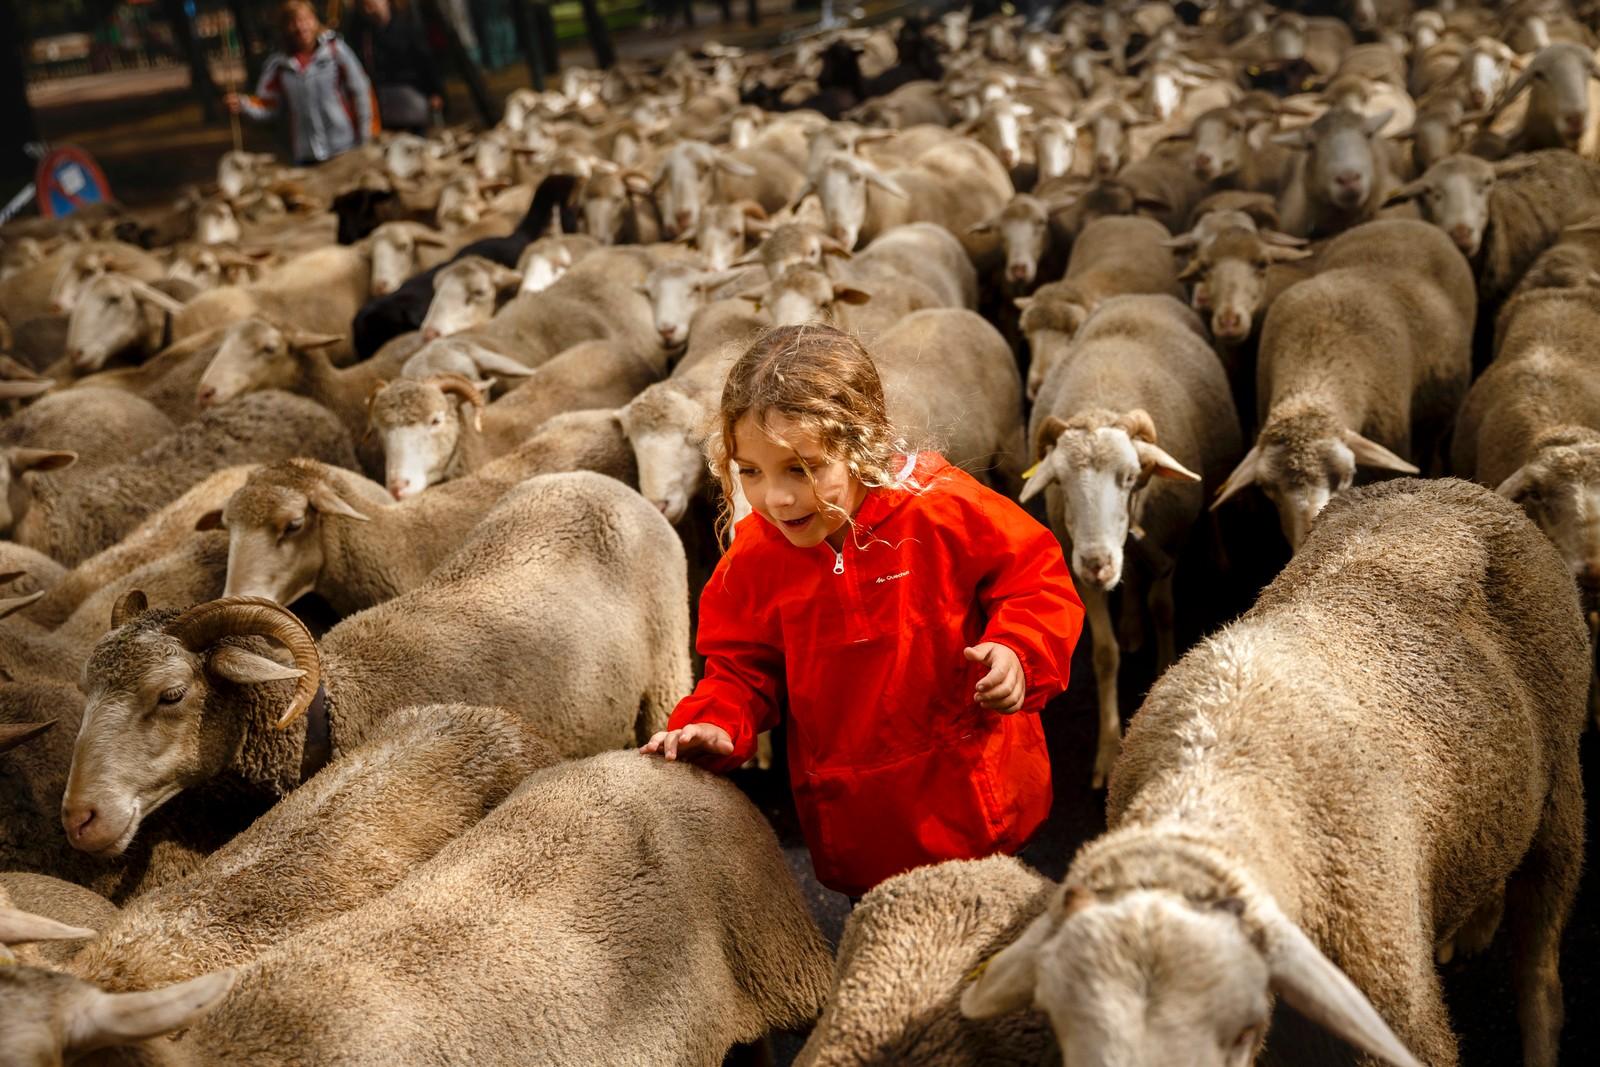 Den 10 år gamle gutten Max løper sammen med sauene gjennom Madrids gater under festivalen Fiesta de la Transhumancia. Det er en gammel tradisjon å føre sauer gjennom byens gater fra høylandet til lavlandet for å unngå overbeite. Avtalen mellom byen og sauebøndene ble inngått i 1418.